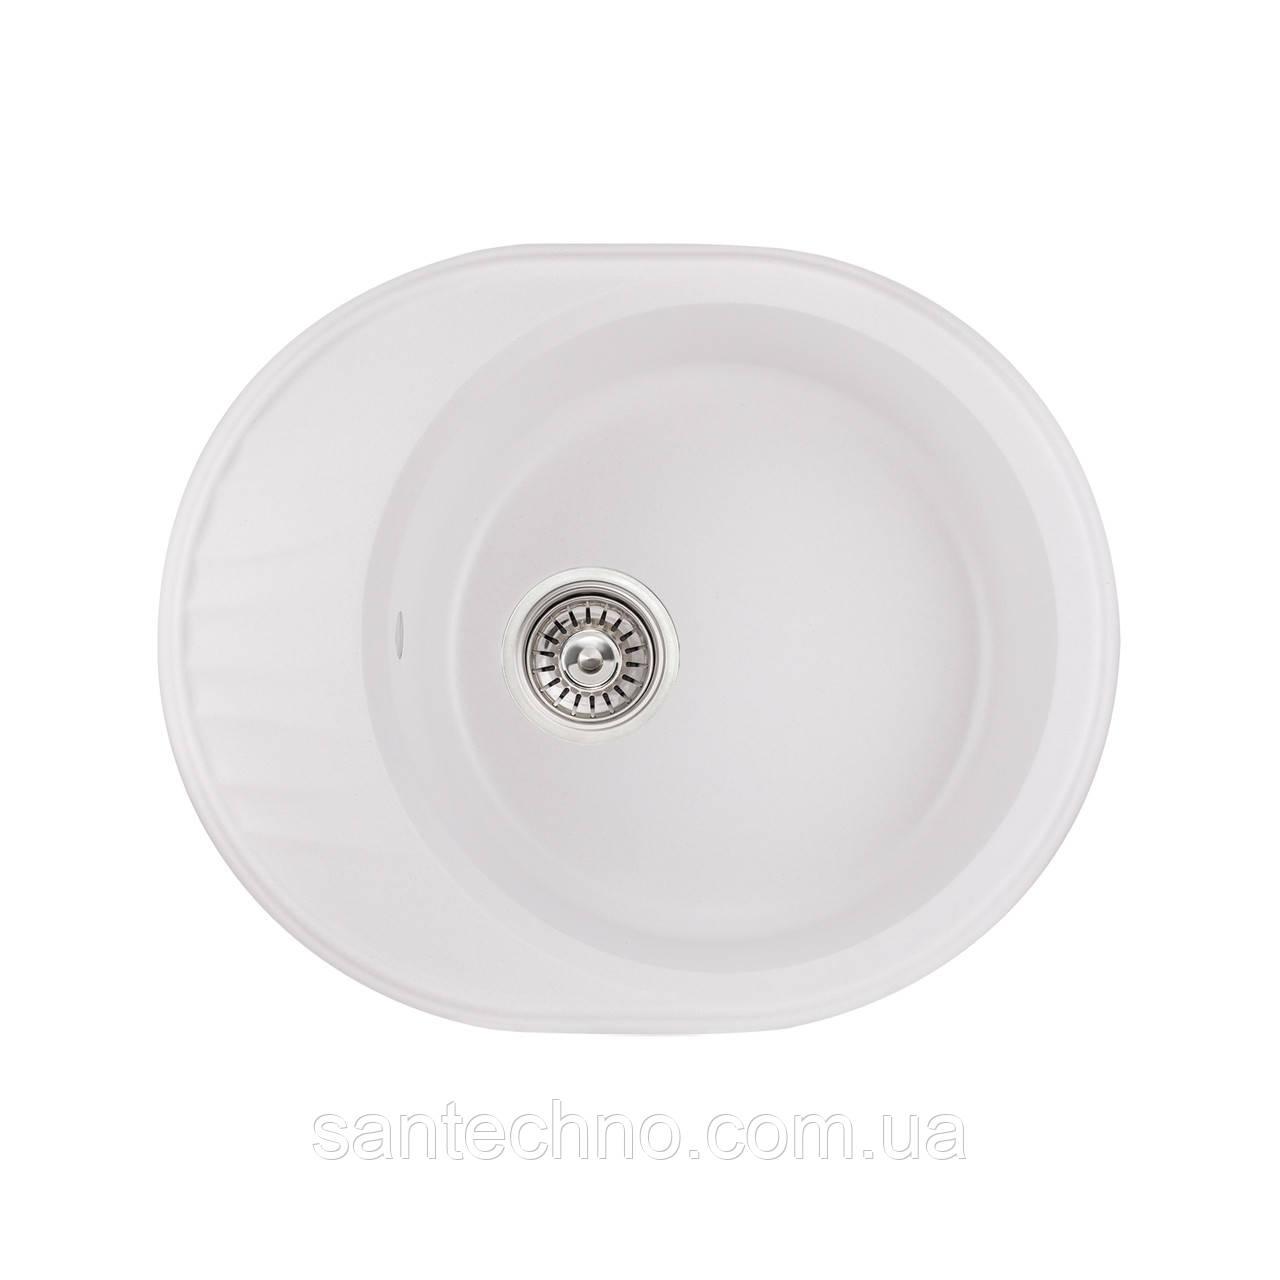 Кухонна мийка Qtap CS 6151 WHI (QT6151WHI650)